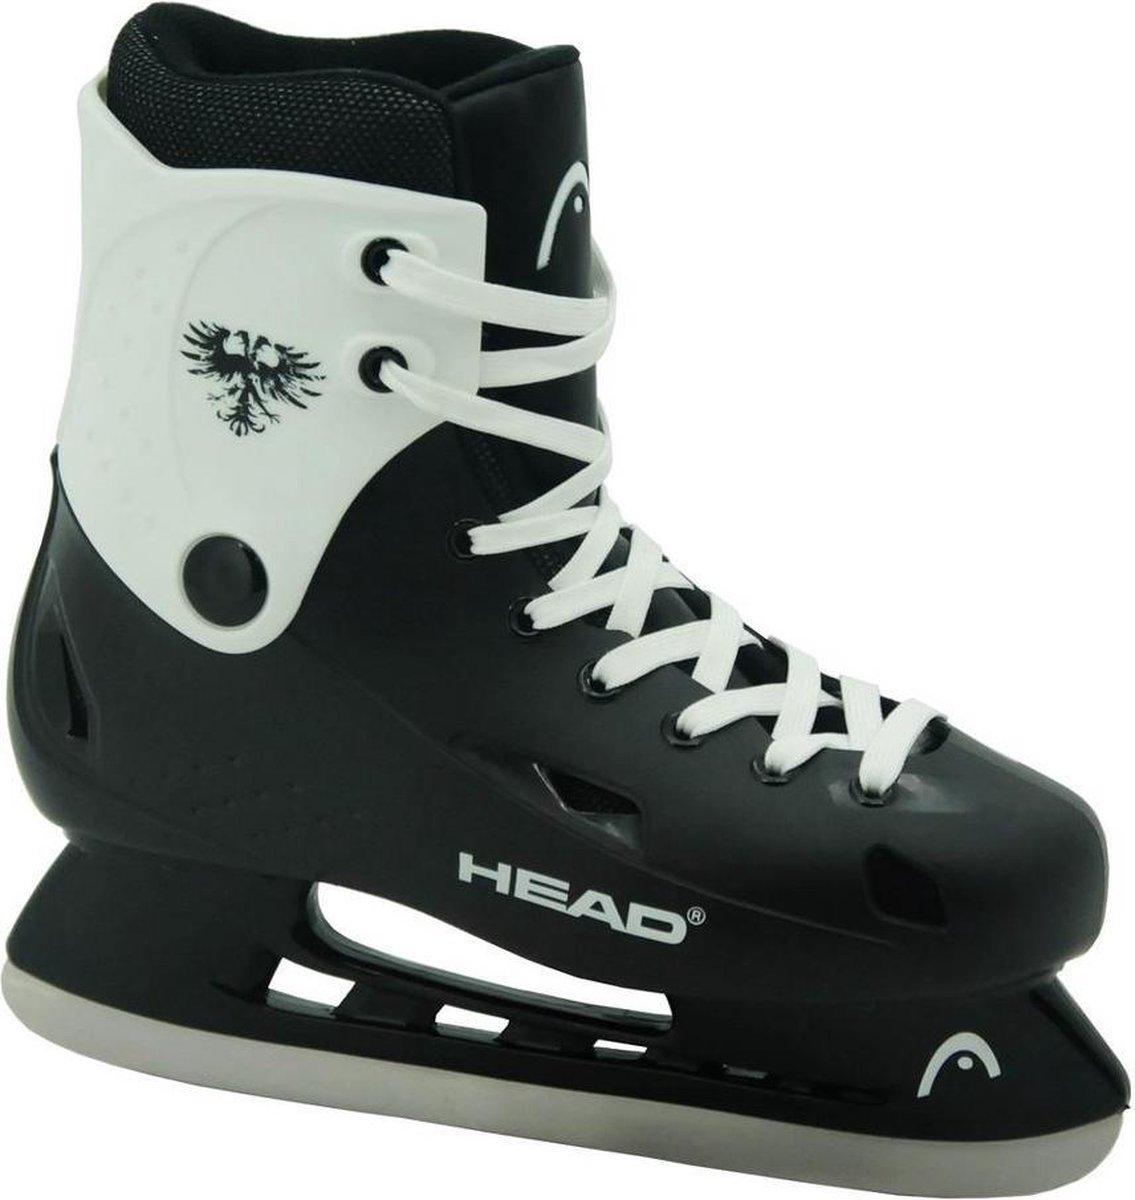 Head SK Ghost zwart ijshockeyschaatsen